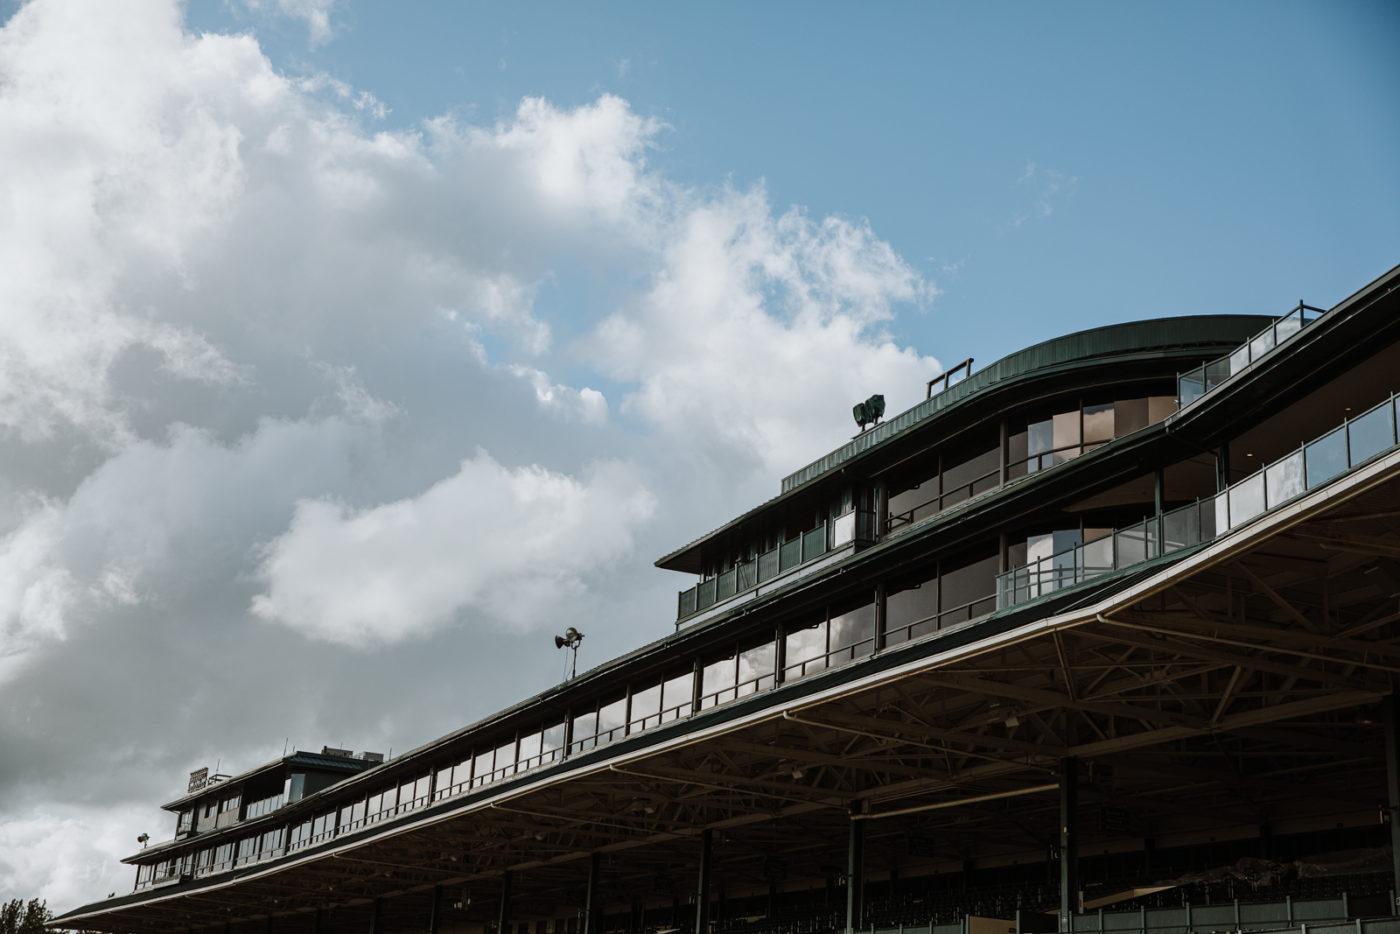 keeneland grandstand